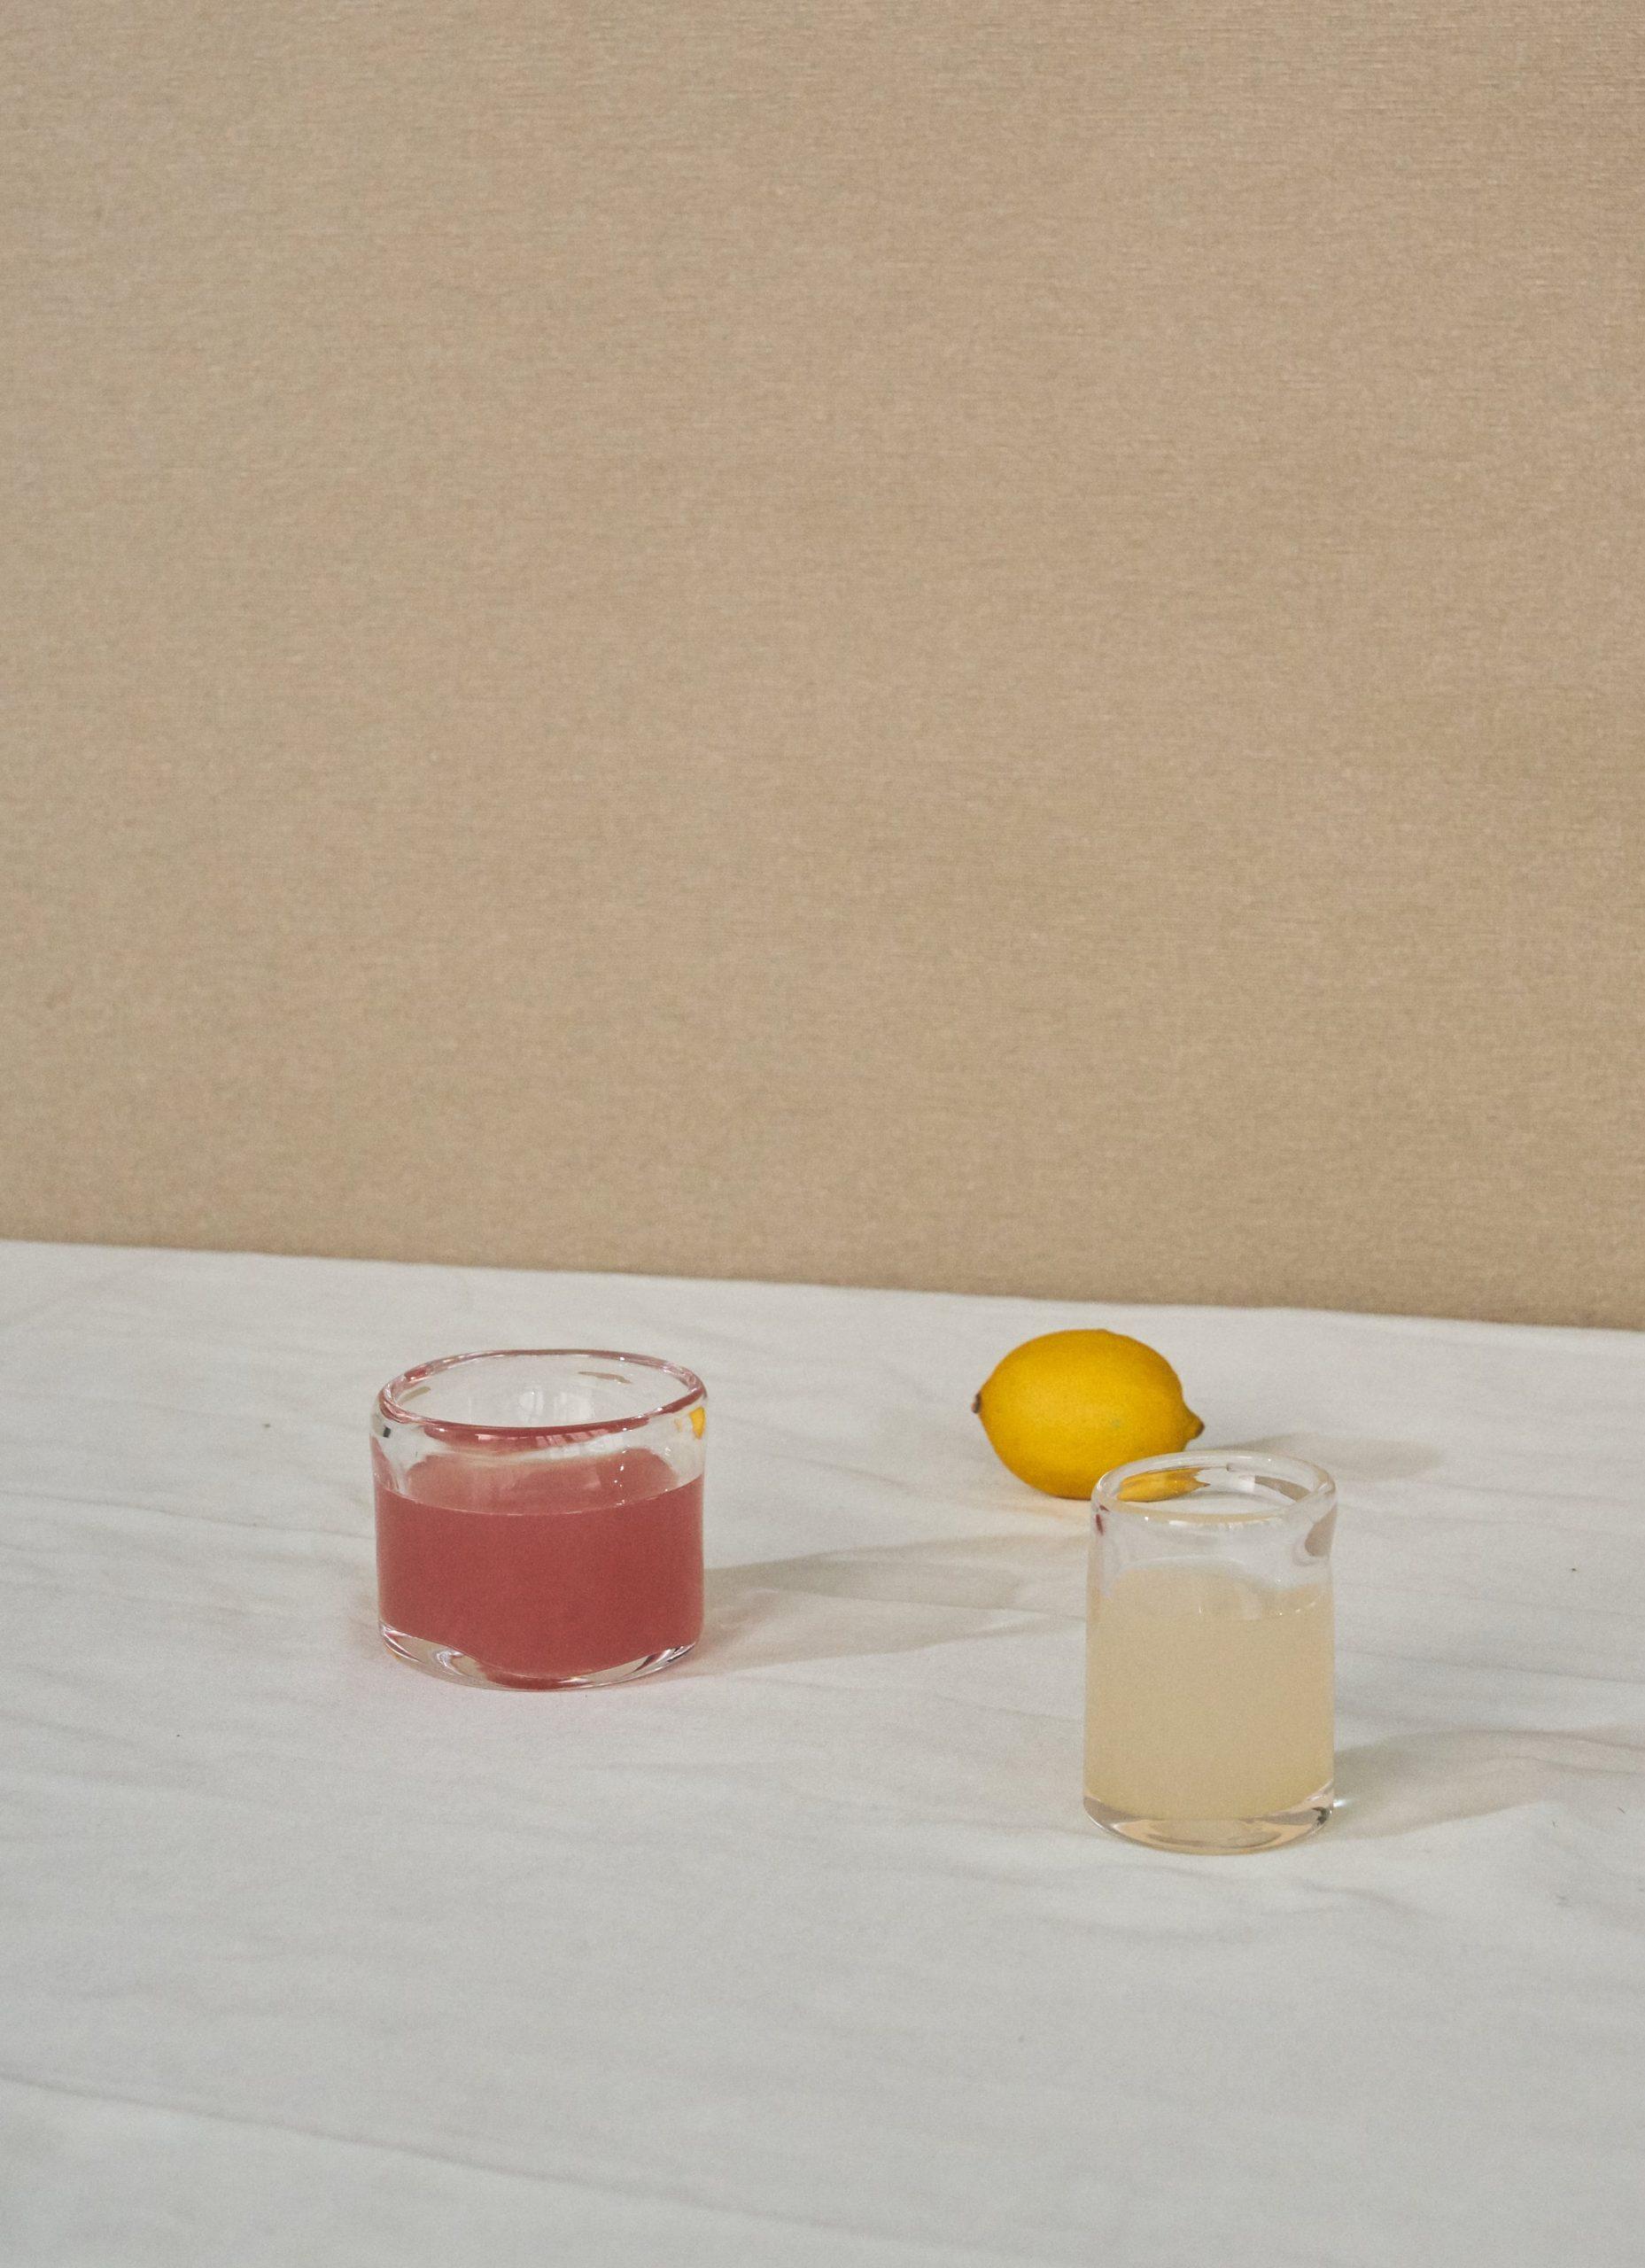 Frama - Glassware - Studio 0405 - Glass wide